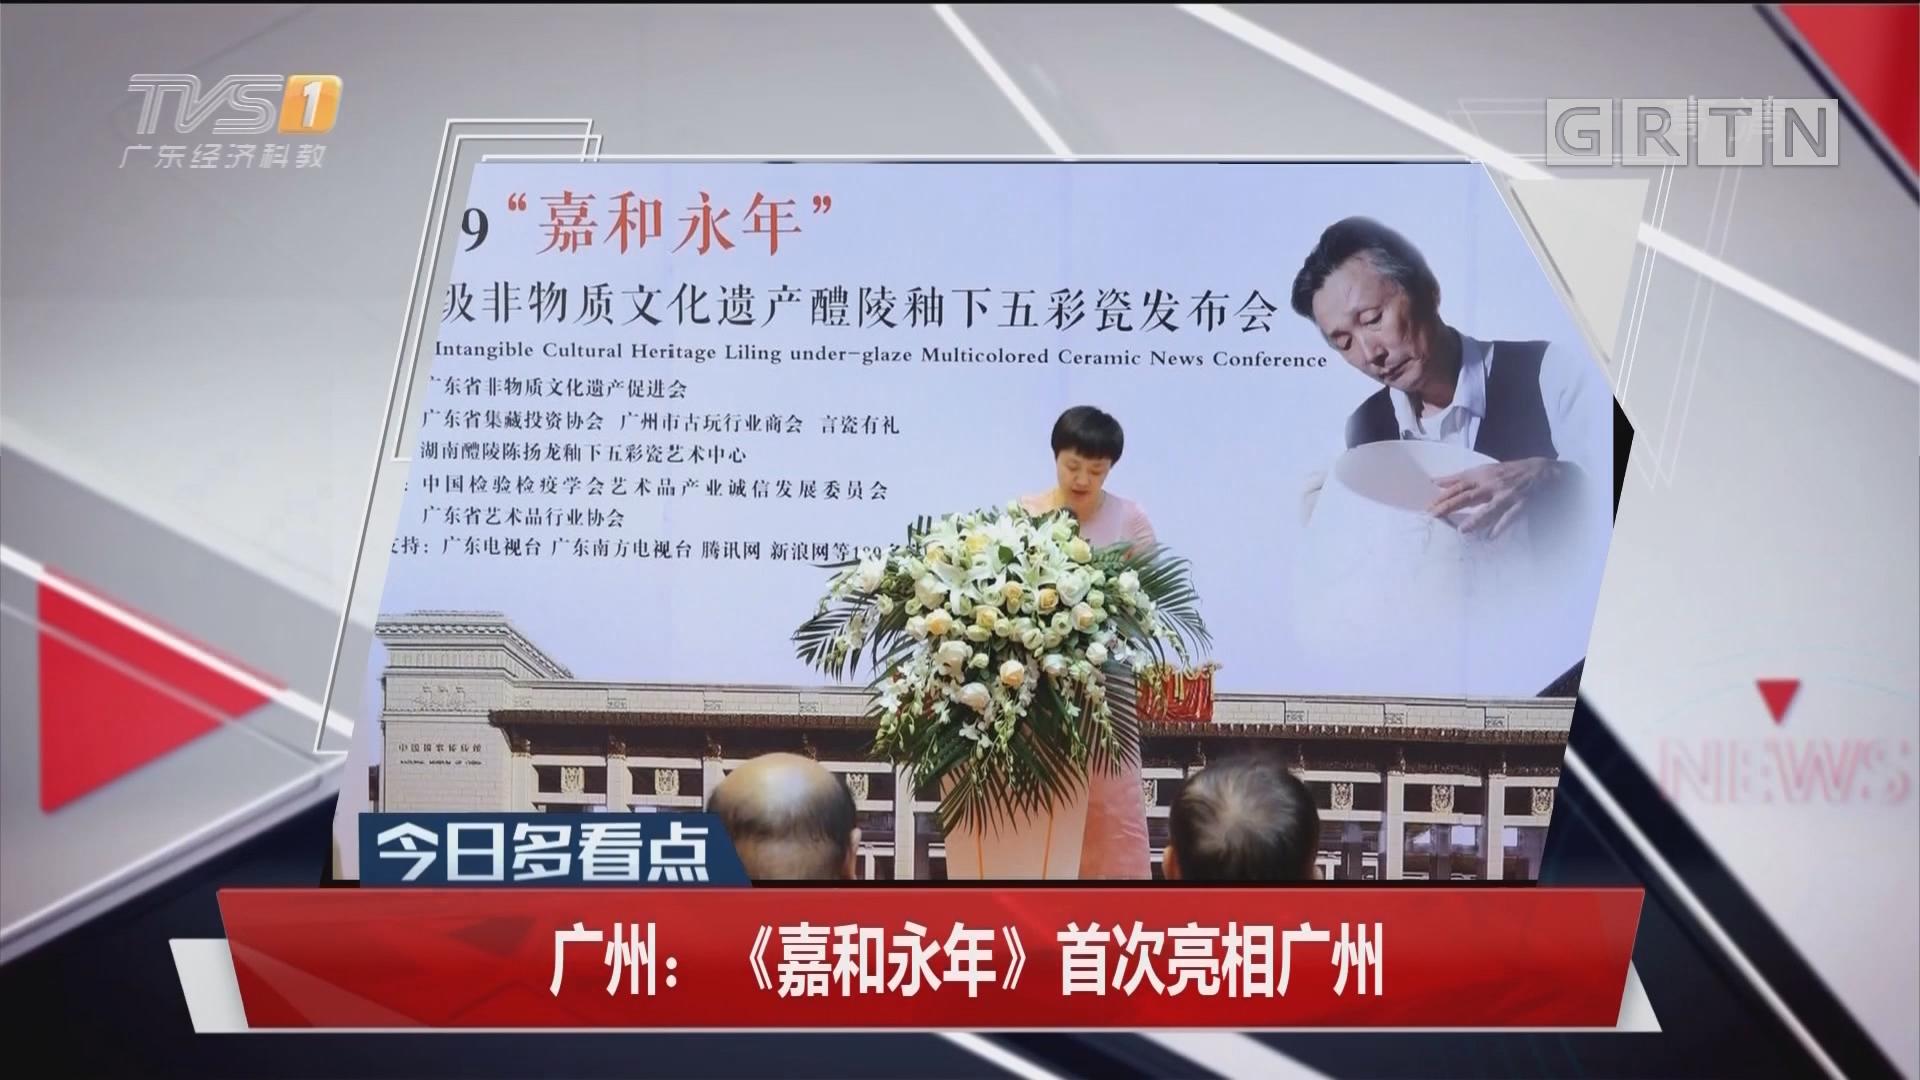 广州:《嘉和永年》首次亮相广州